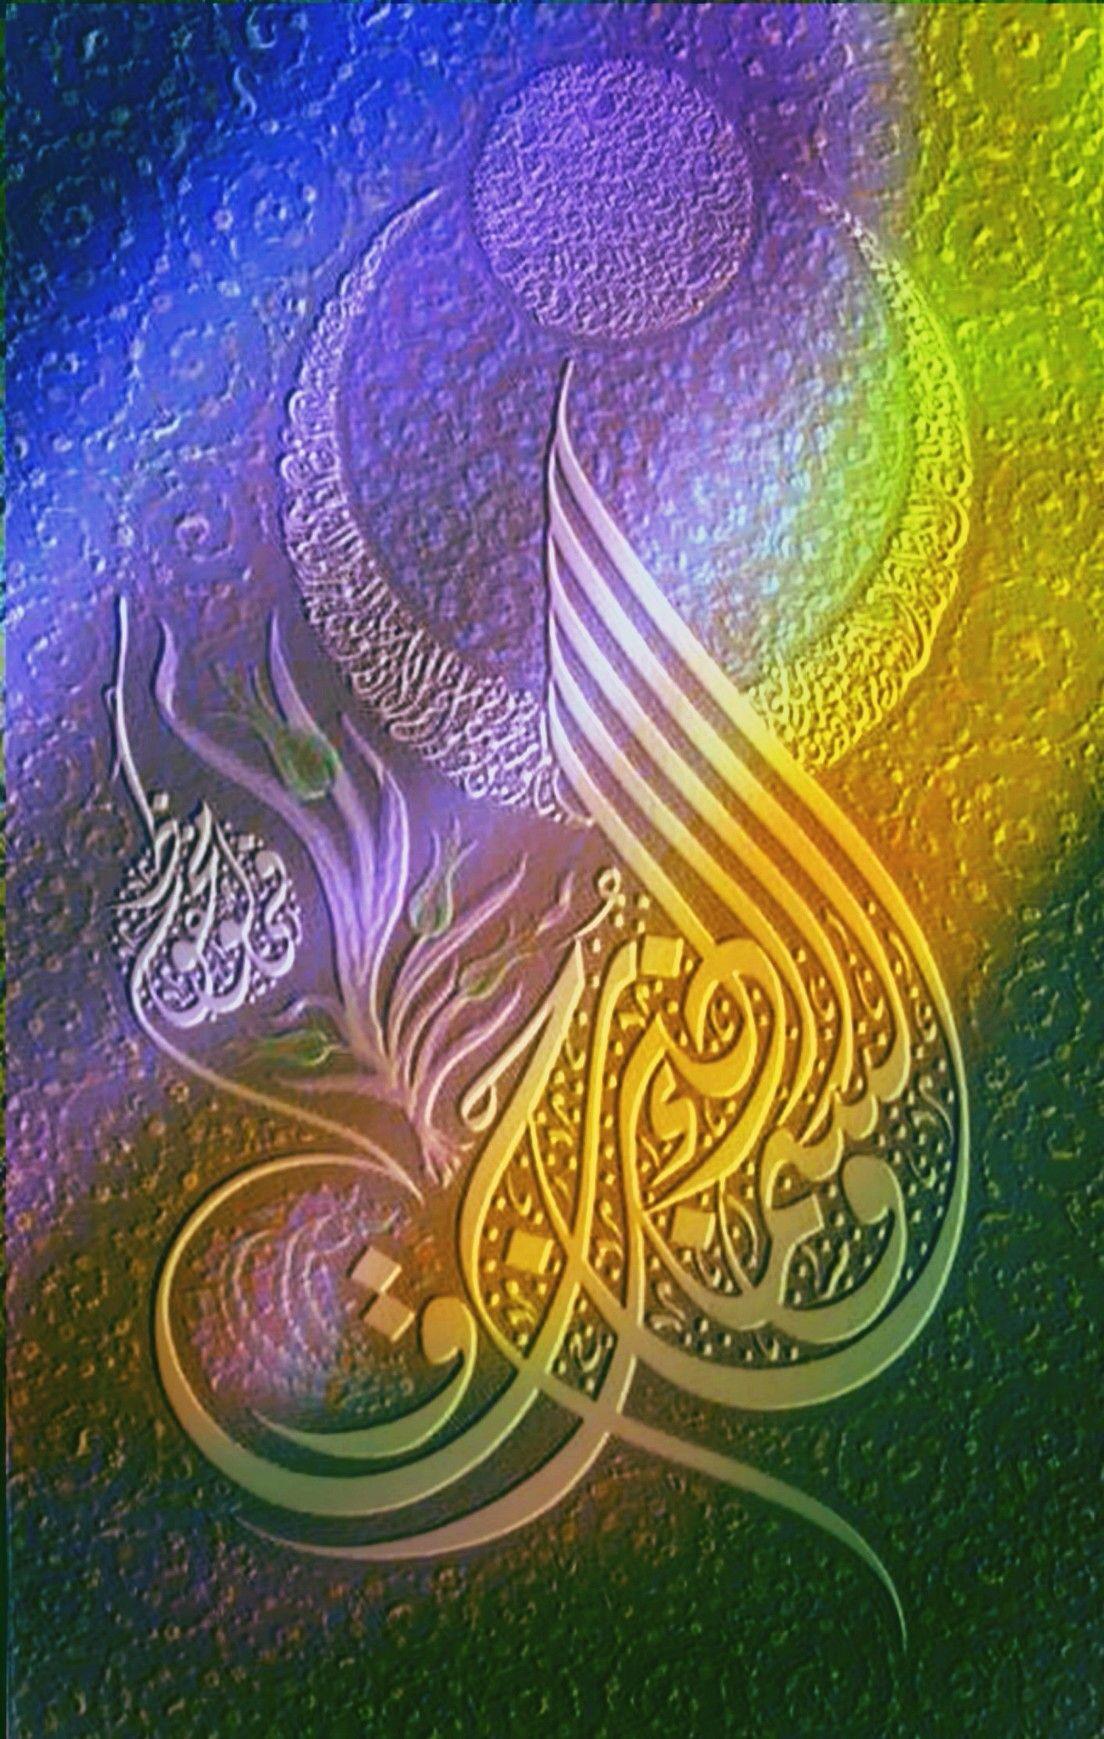 Pin oleh Dede Zahran di Kaligrafi (Dengan gambar) Seni